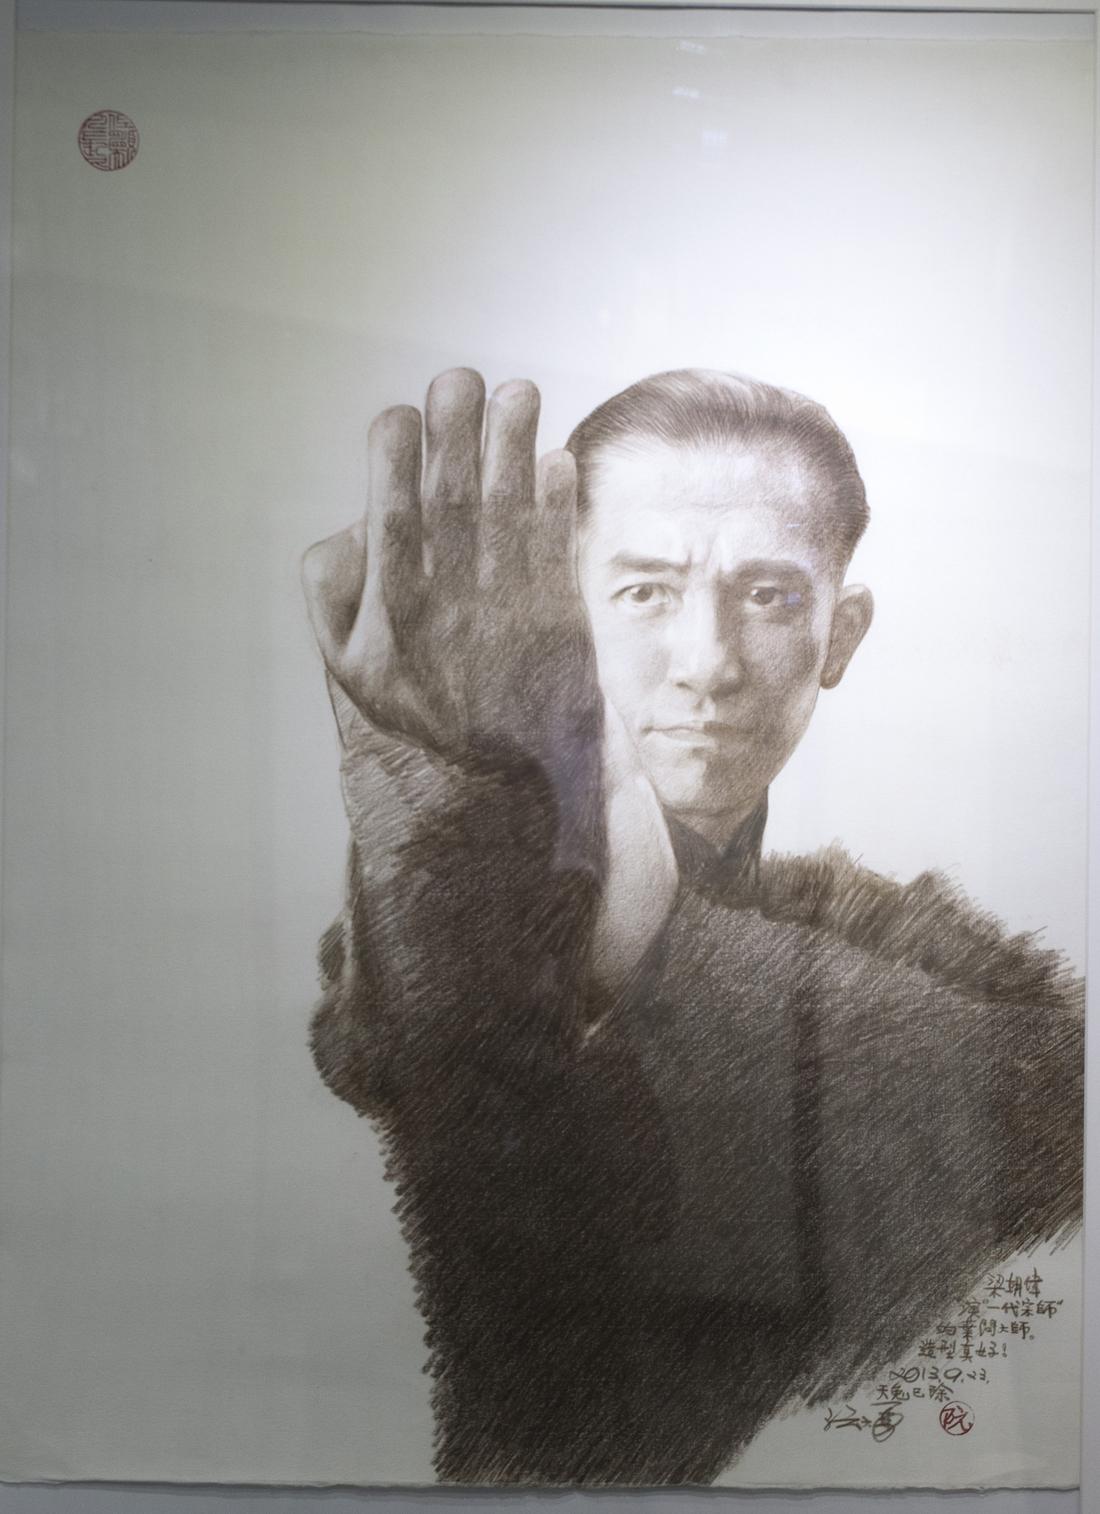 畫廊展出都是他這數年來的新作,梁朝偉飾演的葉問,阮大勇畫出一代武者的神采。